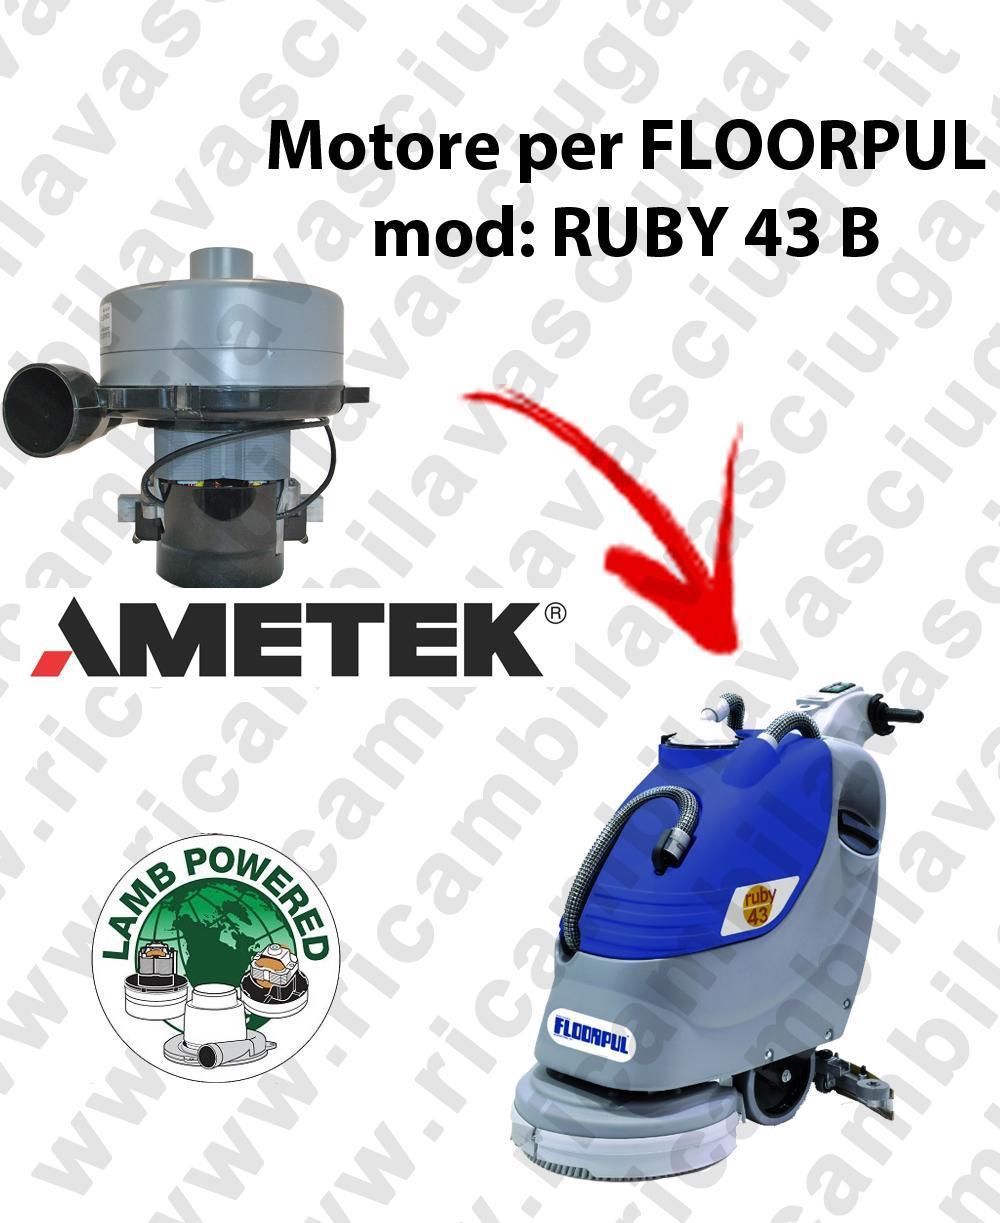 RUBY 43 B MOTEUR ASPIRATION LAMB AMATEK pour autolaveuses FLOORPUL